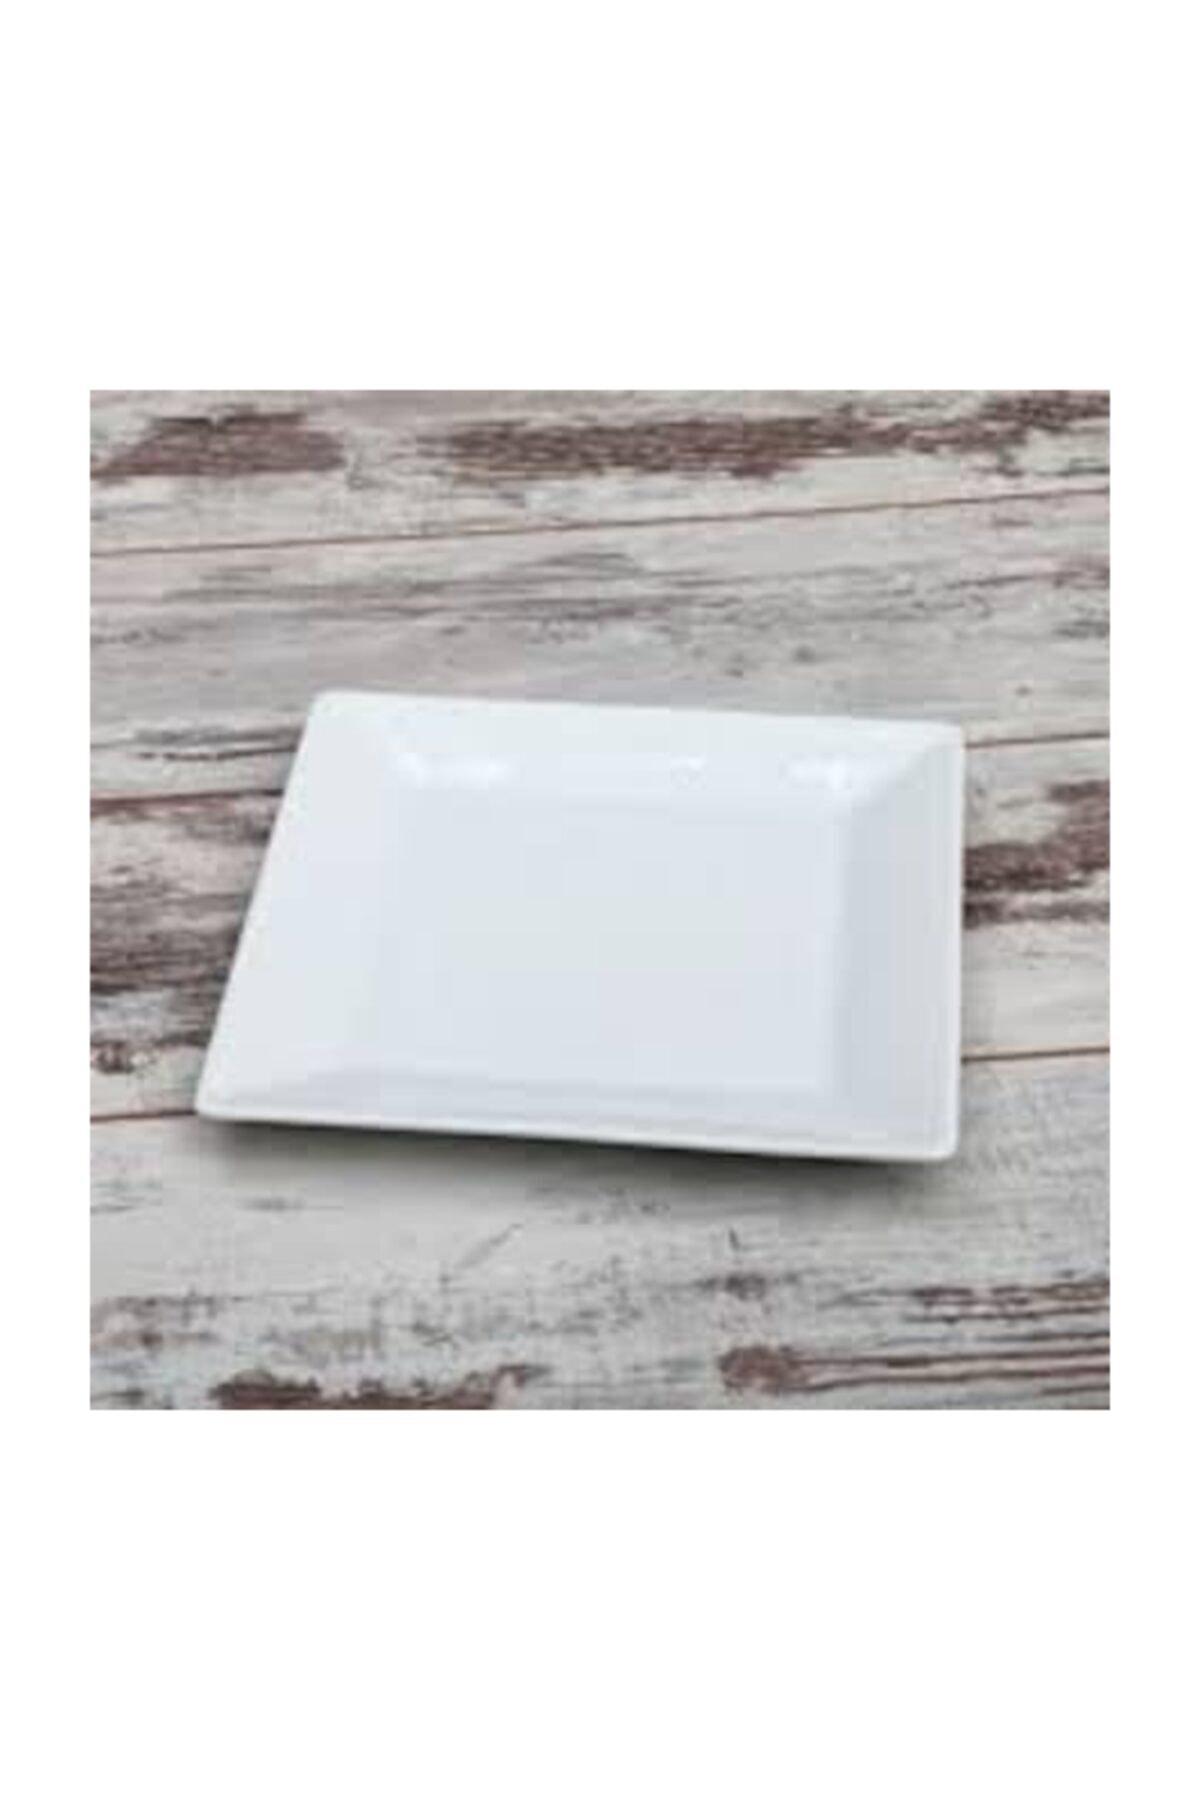 Güral Porselen Kare Servis Tabağı 6'lı 27*27 Cm 1